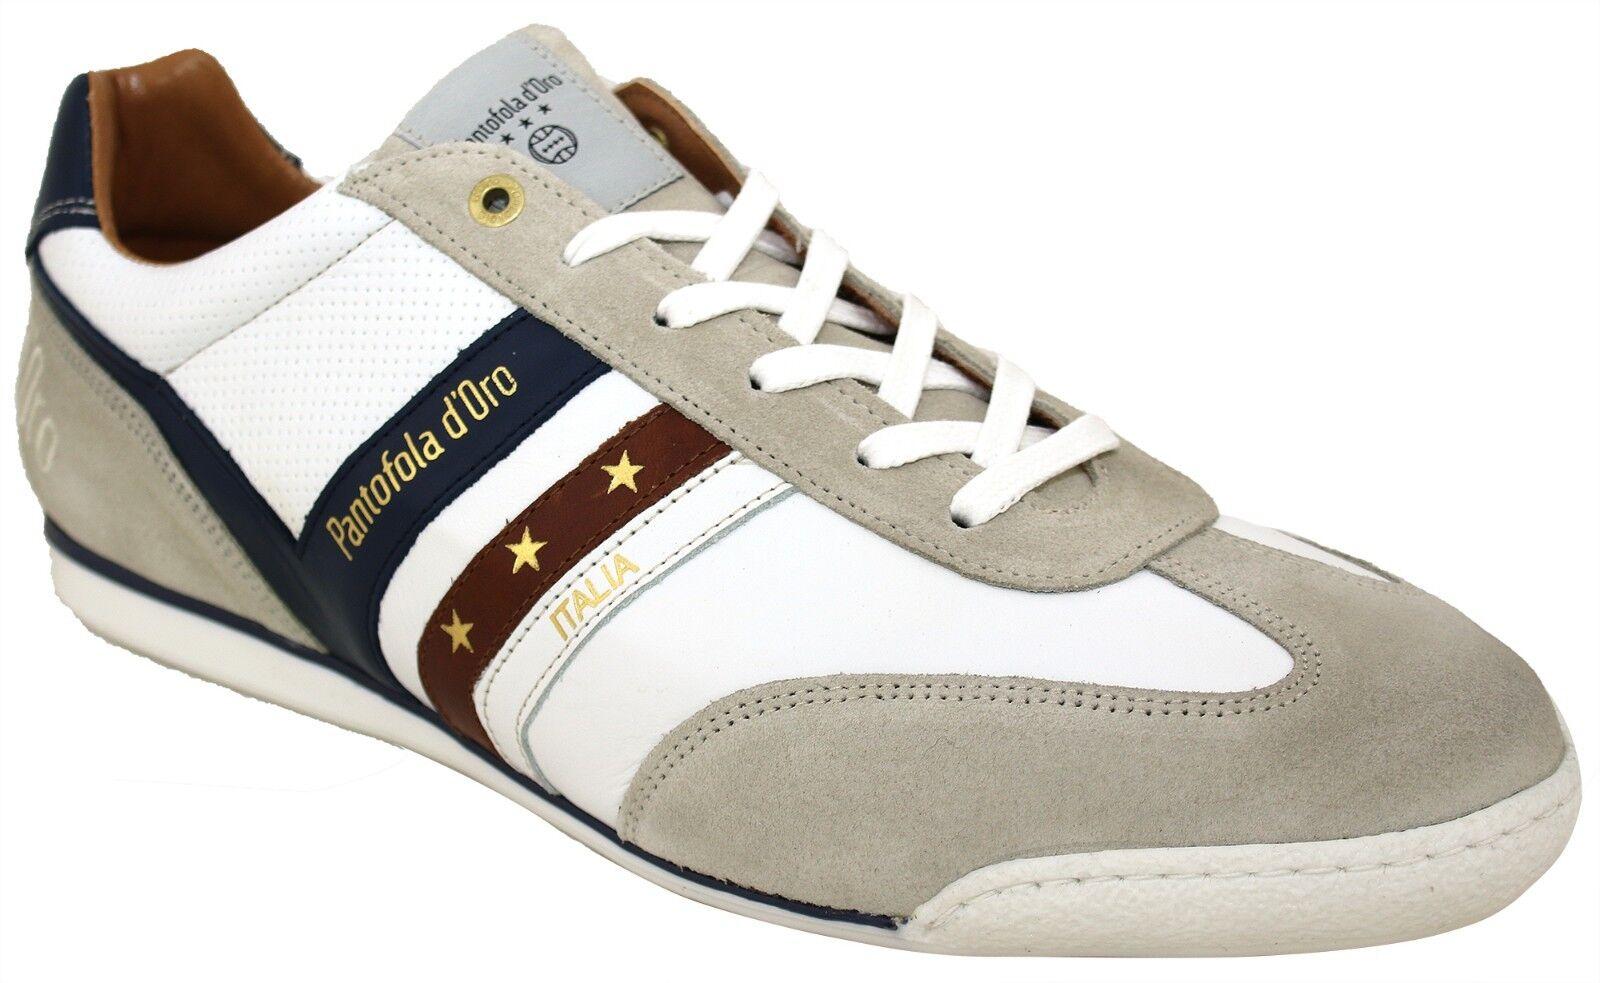 Pantofola D 'oro Uomo scarpe da ginnastica Lacci 10191067.1fg p16   Fai pieno uso dei materiali    Maschio/Ragazze Scarpa